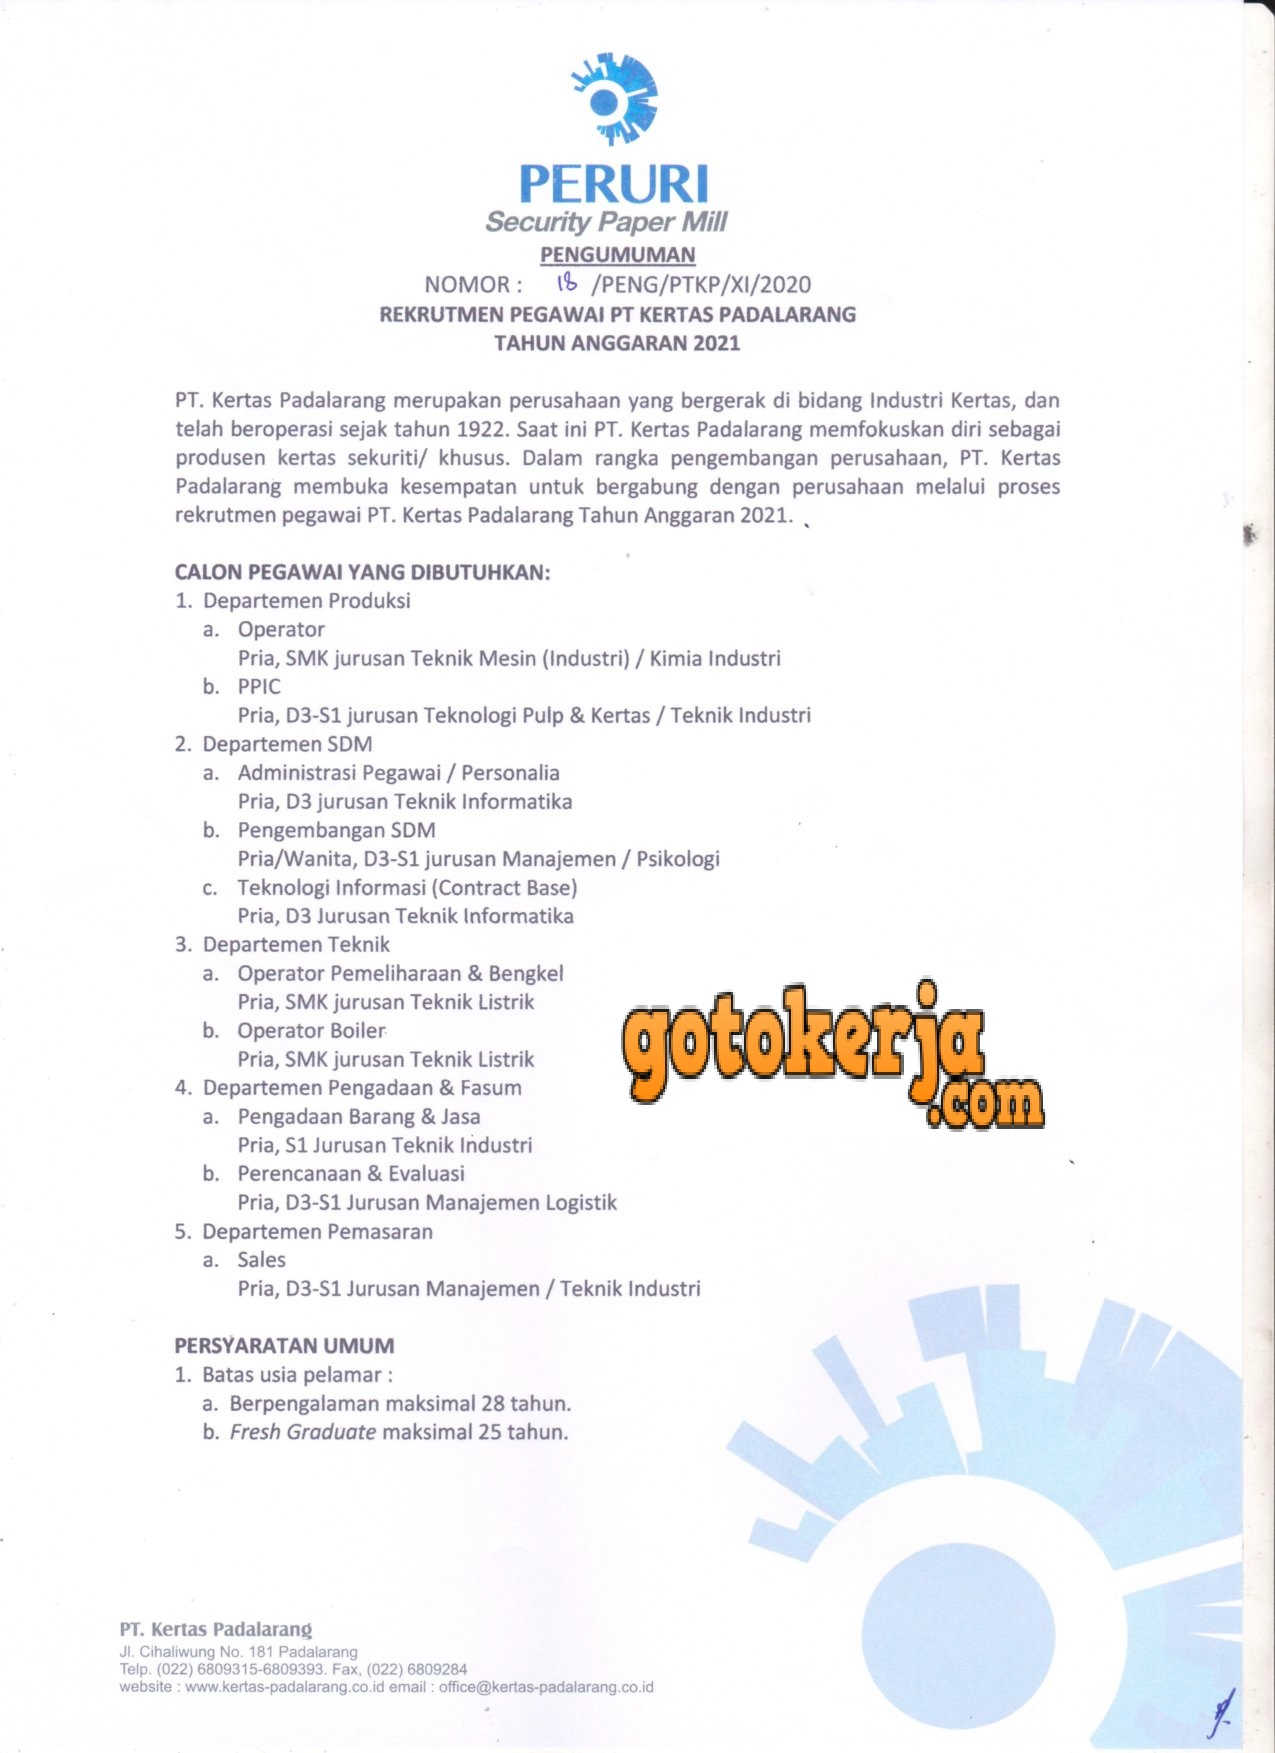 Lowongan Kerja PT. Kertas Padalarang( PTKP) (Perum Peruri)